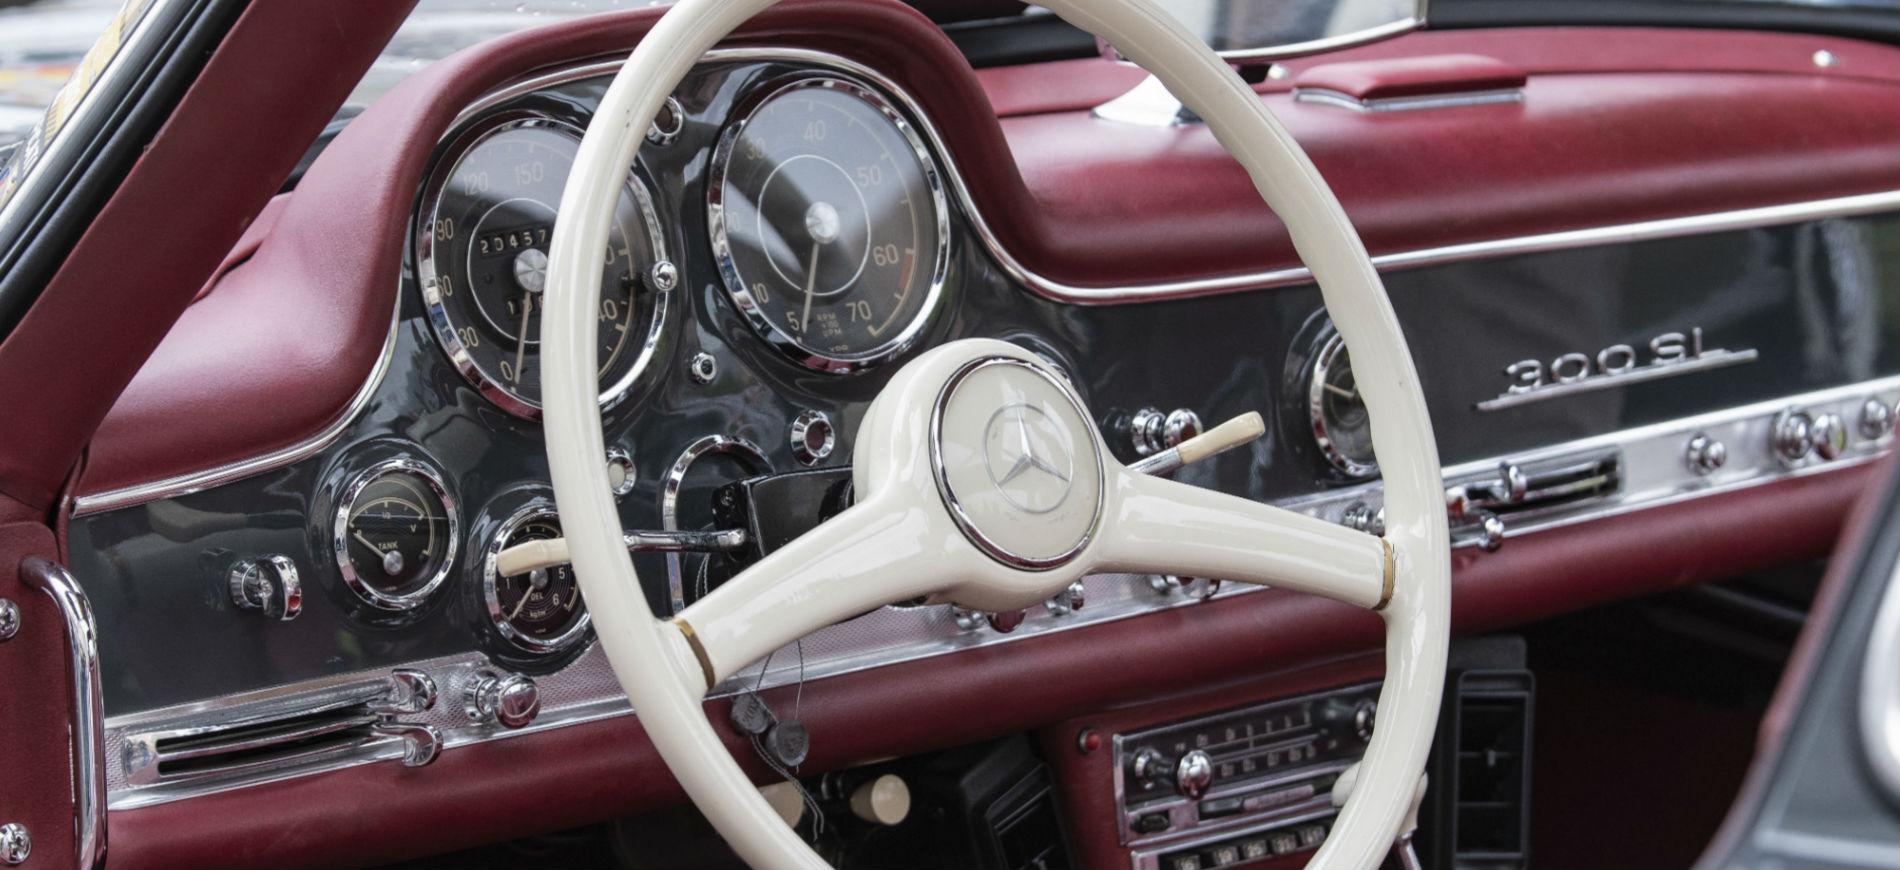 Trofeo Tollegno 1900: nell'immagine il dettaglio interno di una Mercedes 300sl